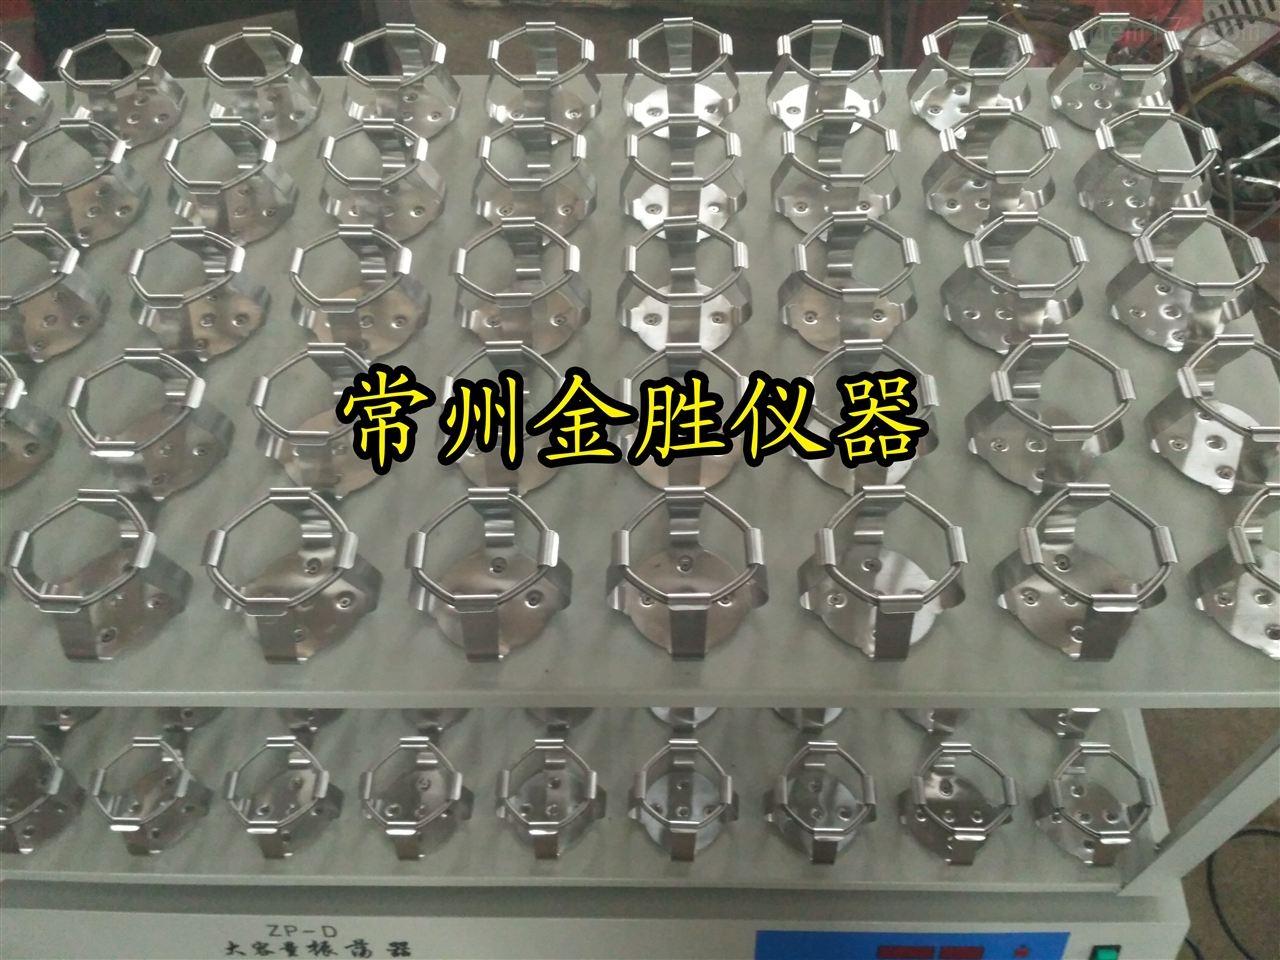 回旋式双层大容量摇瓶机